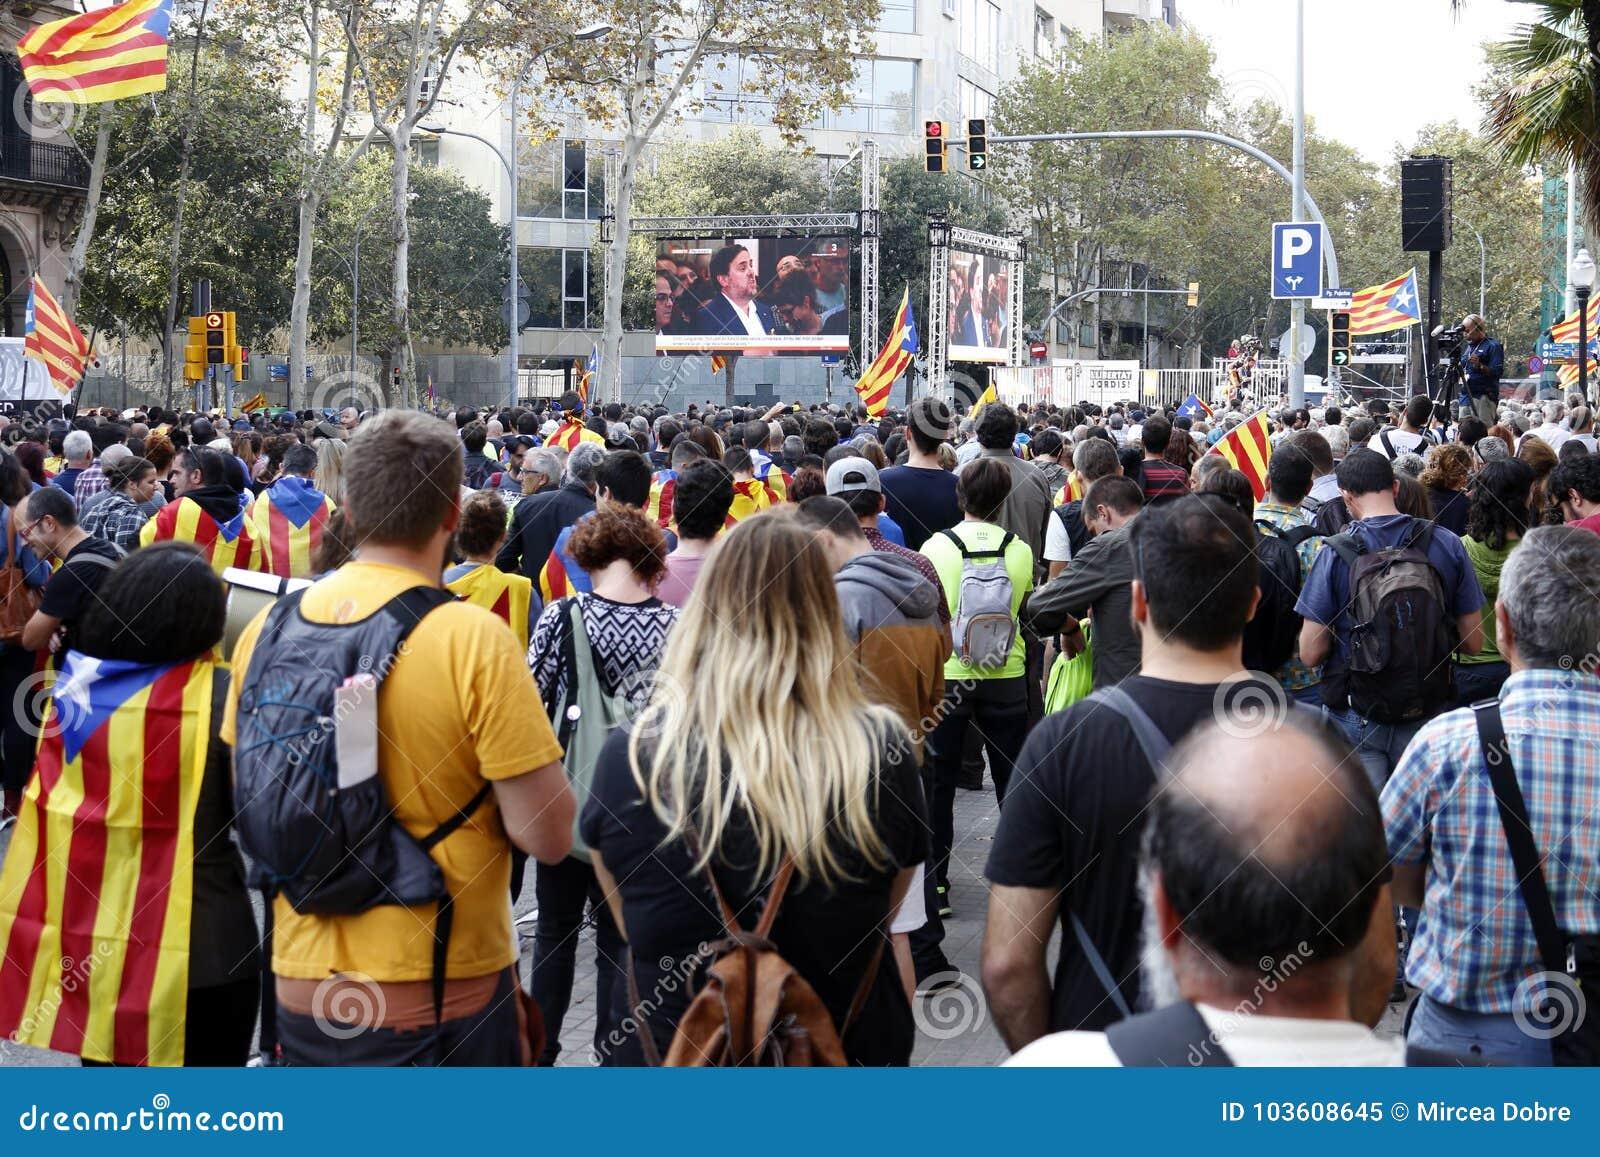 Βαρκελώνη, Καταλωνία, Ισπανία, στις 27 Οκτωβρίου 2017: οι άνθρωποι γιορτάζουν την ψηφοφορία για να δηλώσουν την ανεξαρτησία Catal